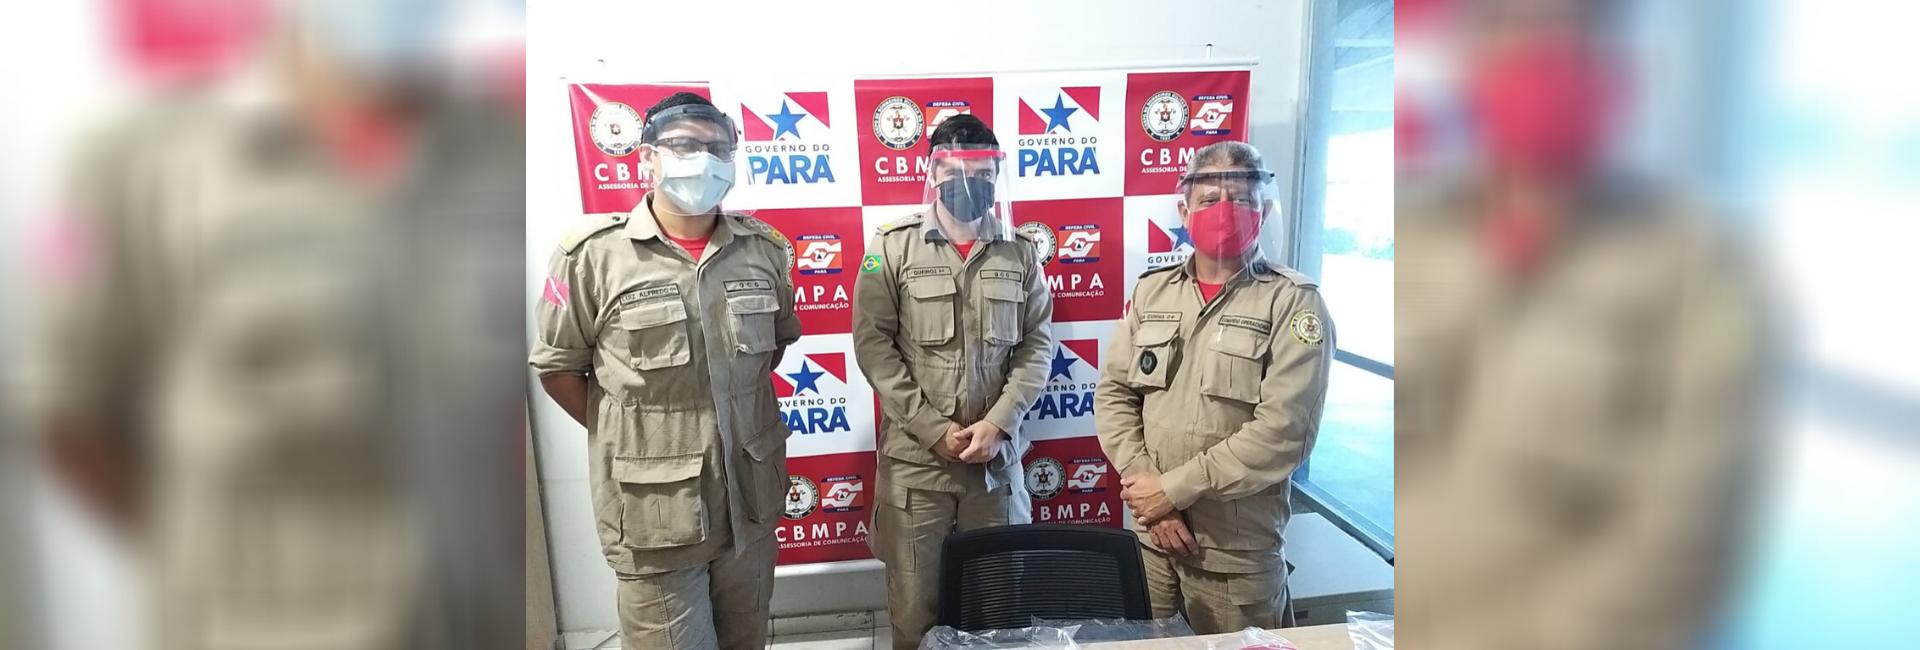 EFETIVO DO CBMPA RECEBE DOAÇÃO DE MÁSCARAS DE PROTEÇÃO FACIAL